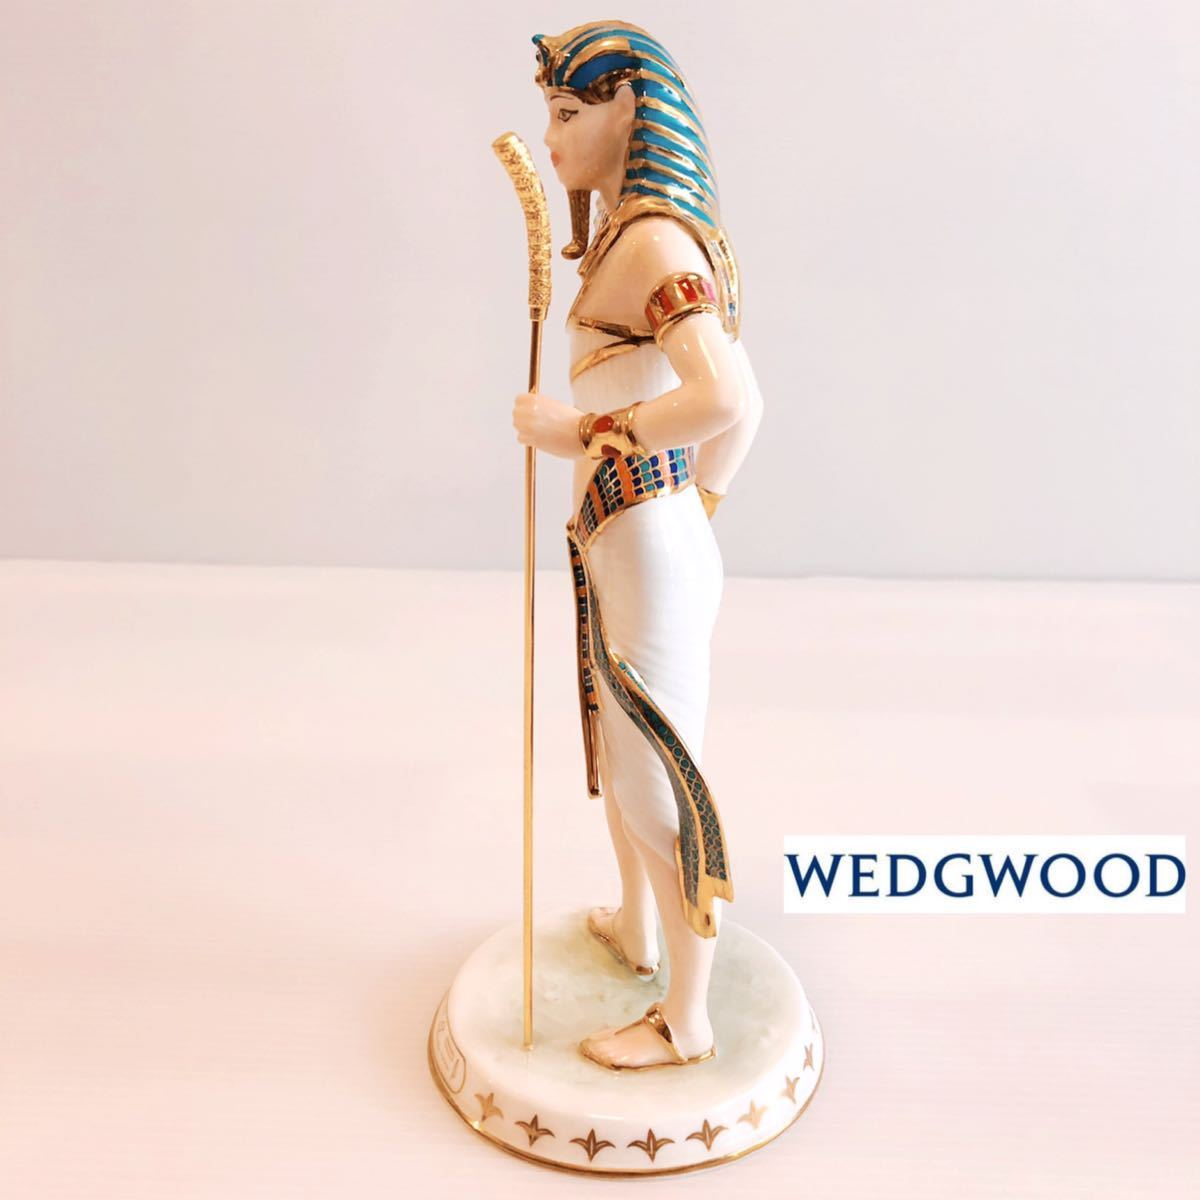 【貴重】WEDGWOOD/ツタンカーメン/The Boy King/Tutankhamun/ウェッジウッド/激レア/英国製/イギリス/置物 /限定品/陶器人形/フィギュア_画像3